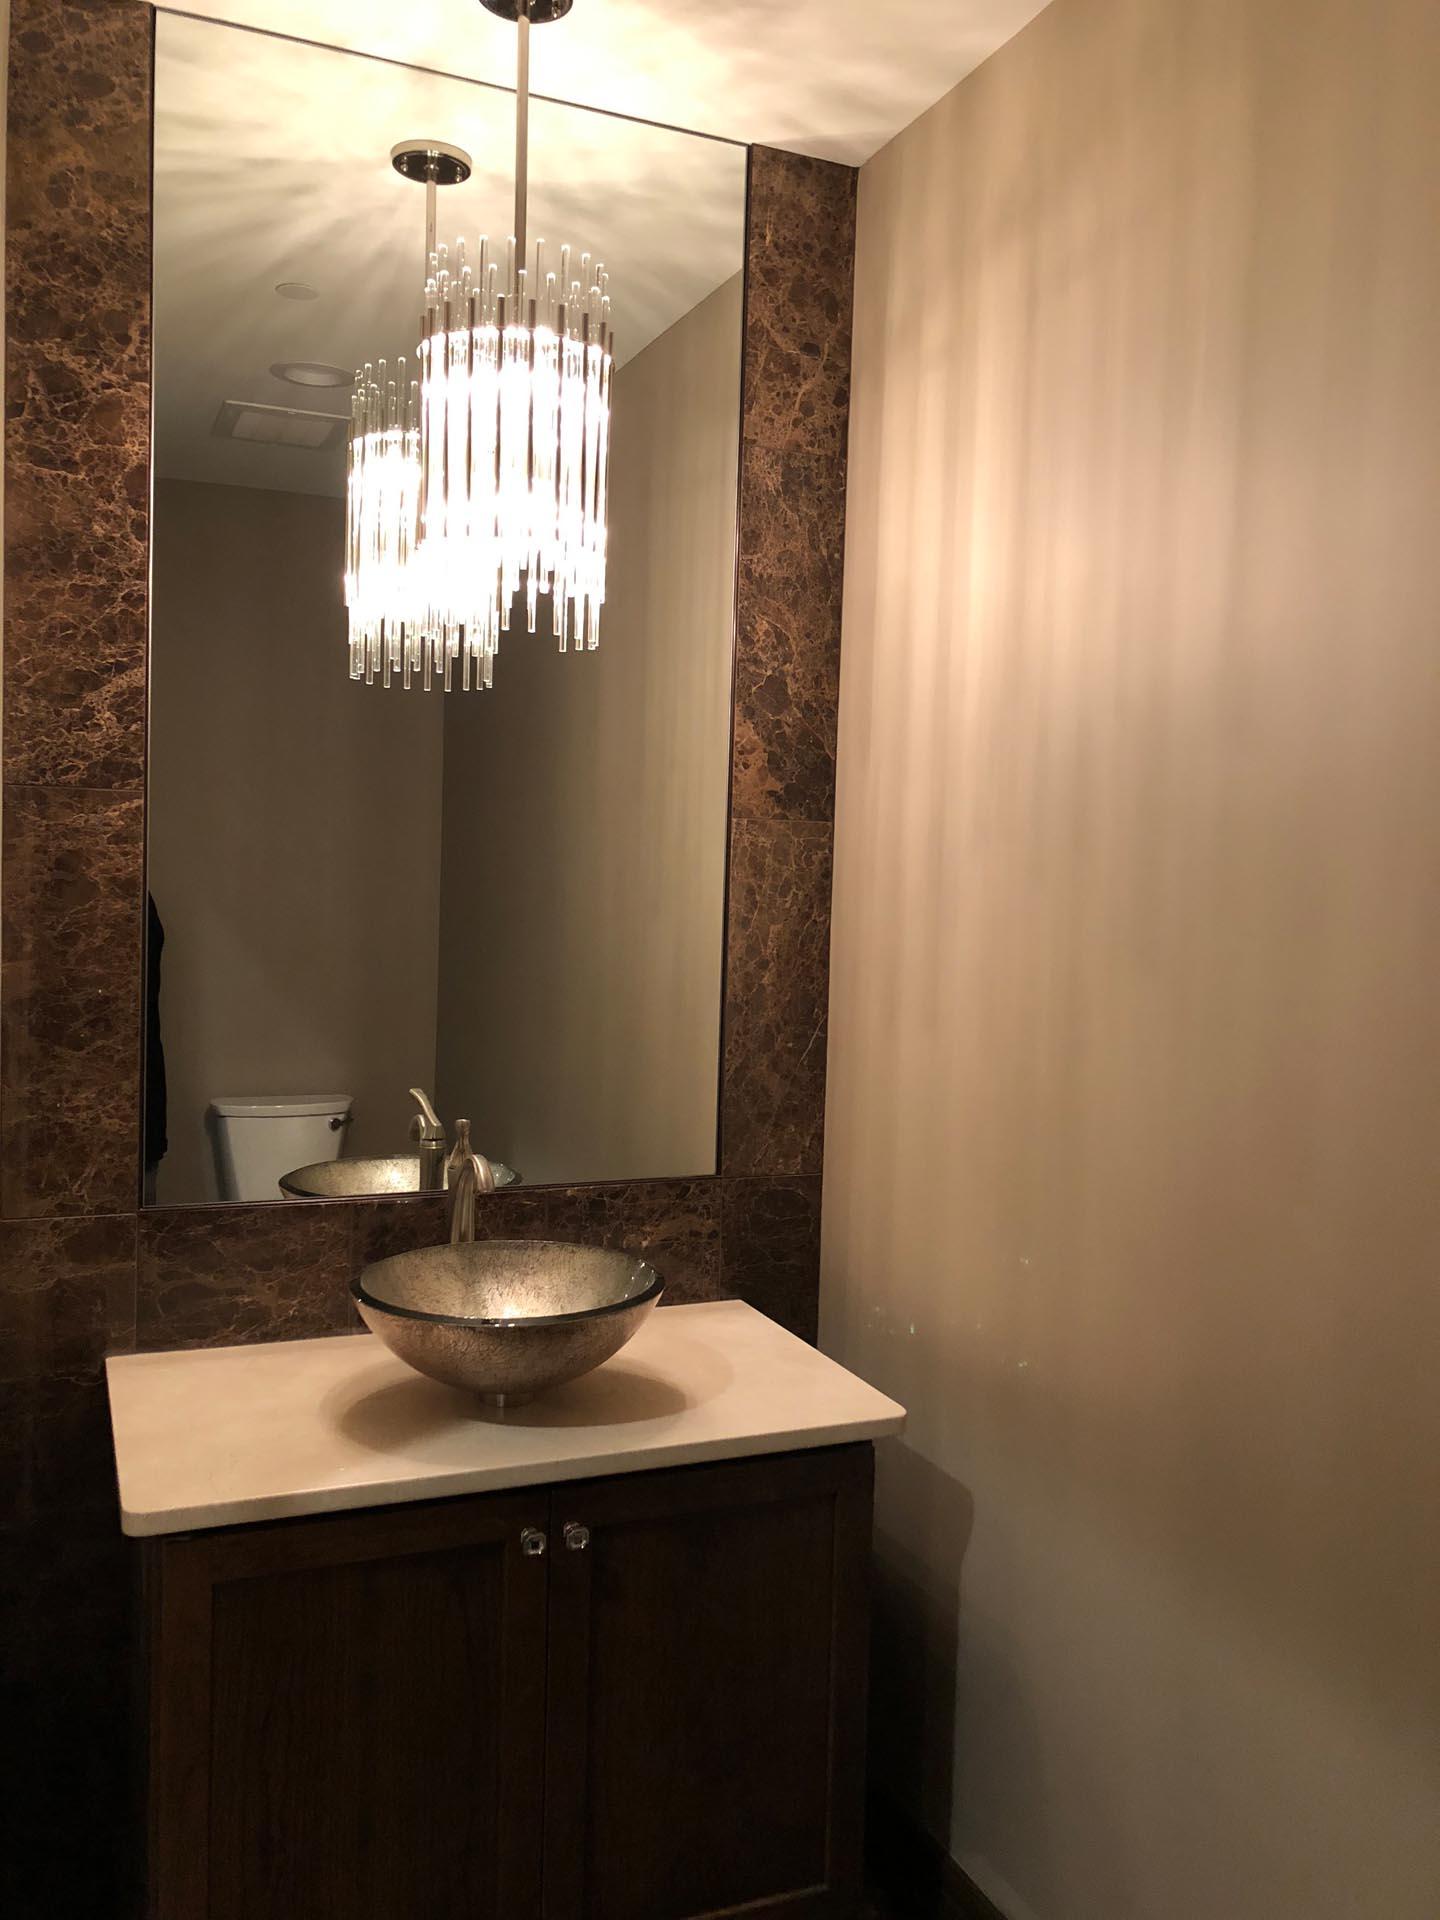 Bathroom Design | H Residence | Midland, MI